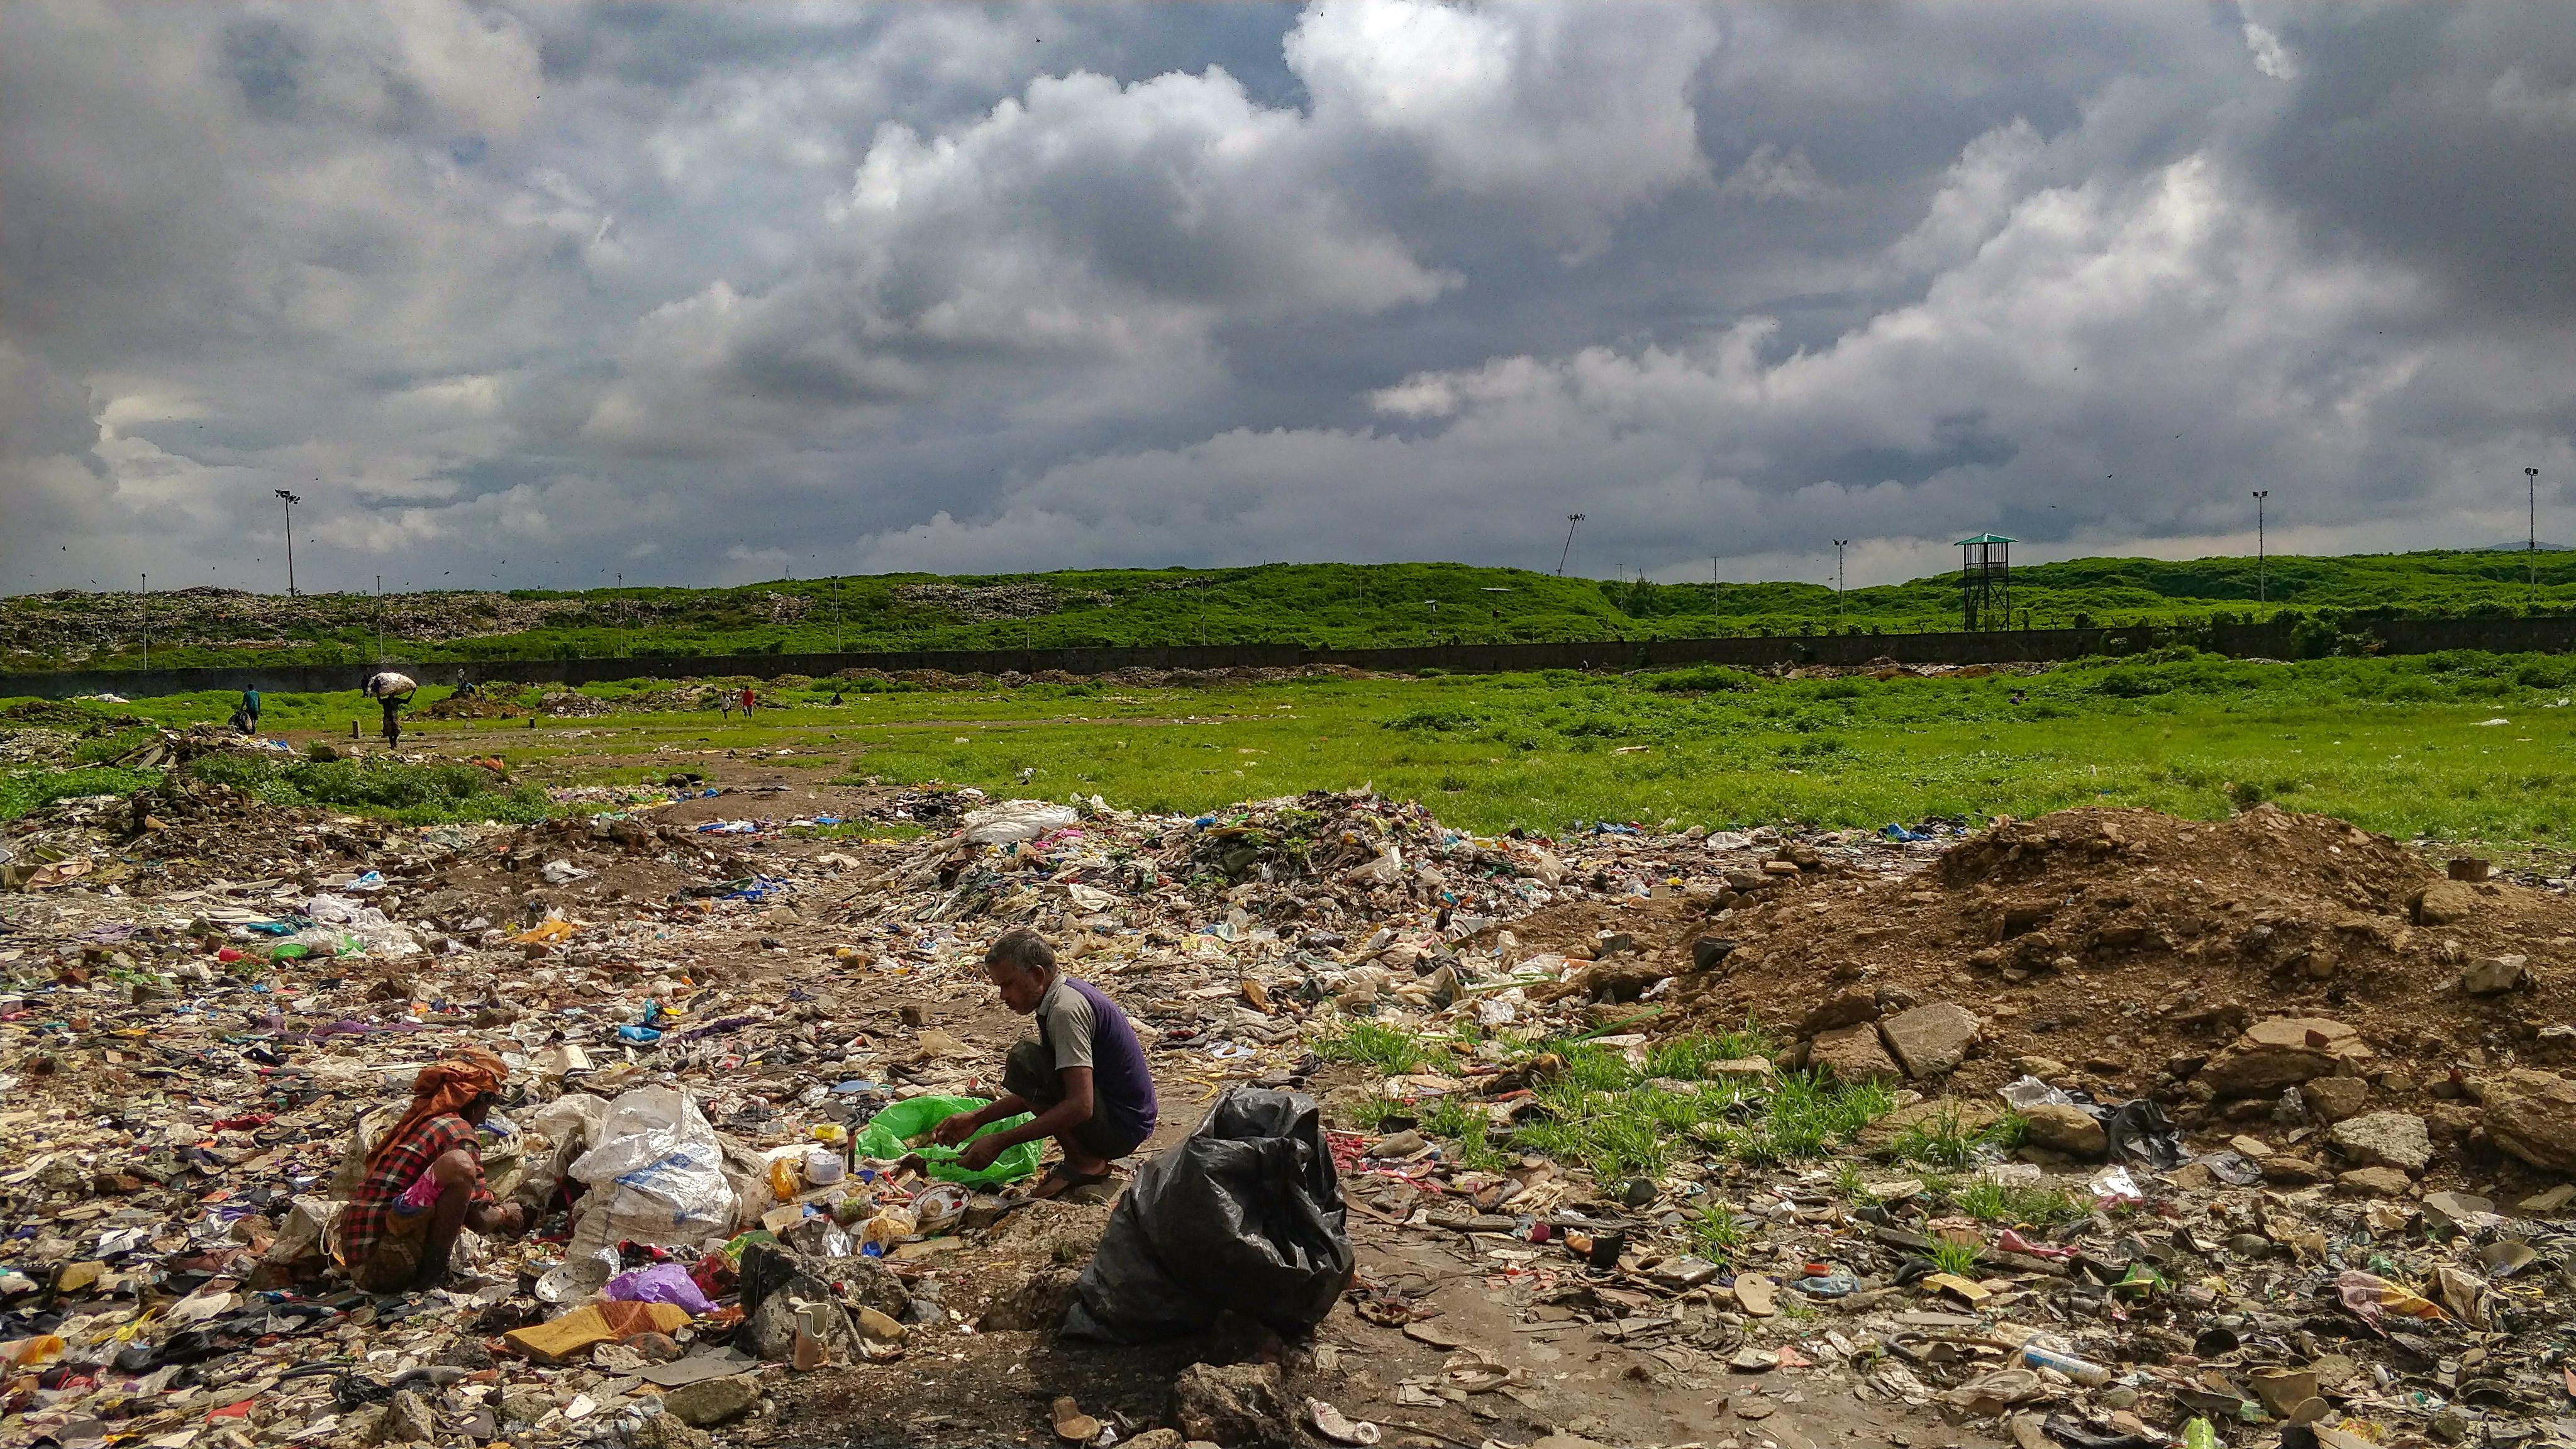 1568802609969-Ragpickers-at-Deonar-garbage-dump-8